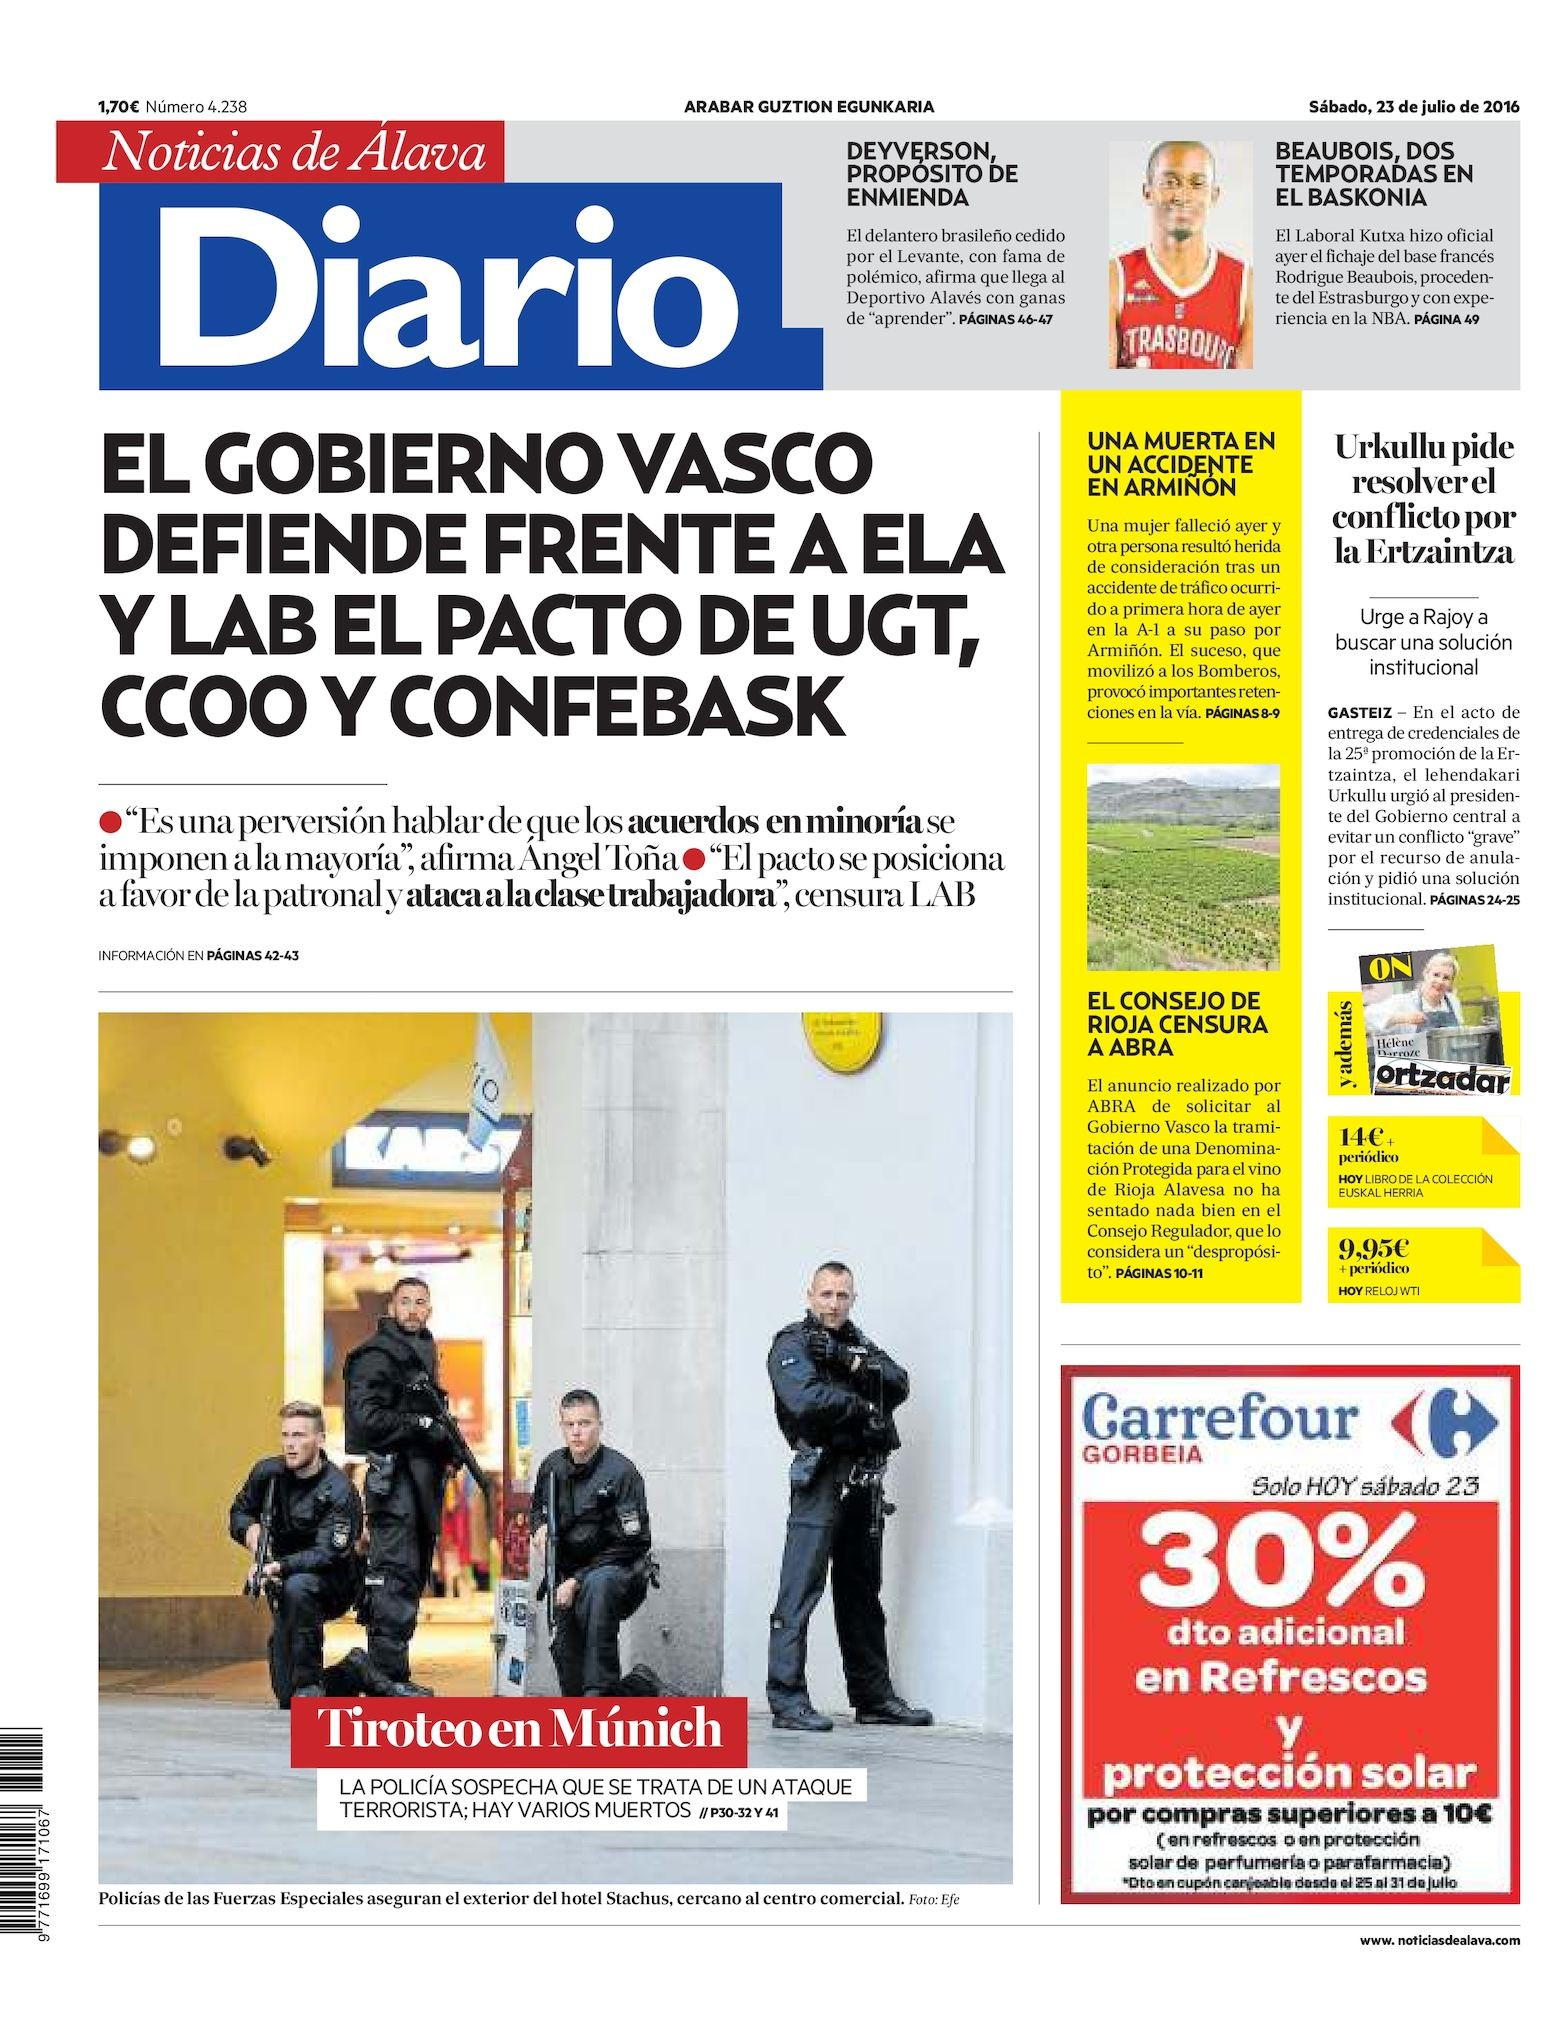 Calendario Laboral 2019 Alicante Ugt Más Recientes Calaméo Diario De Noticias De lava